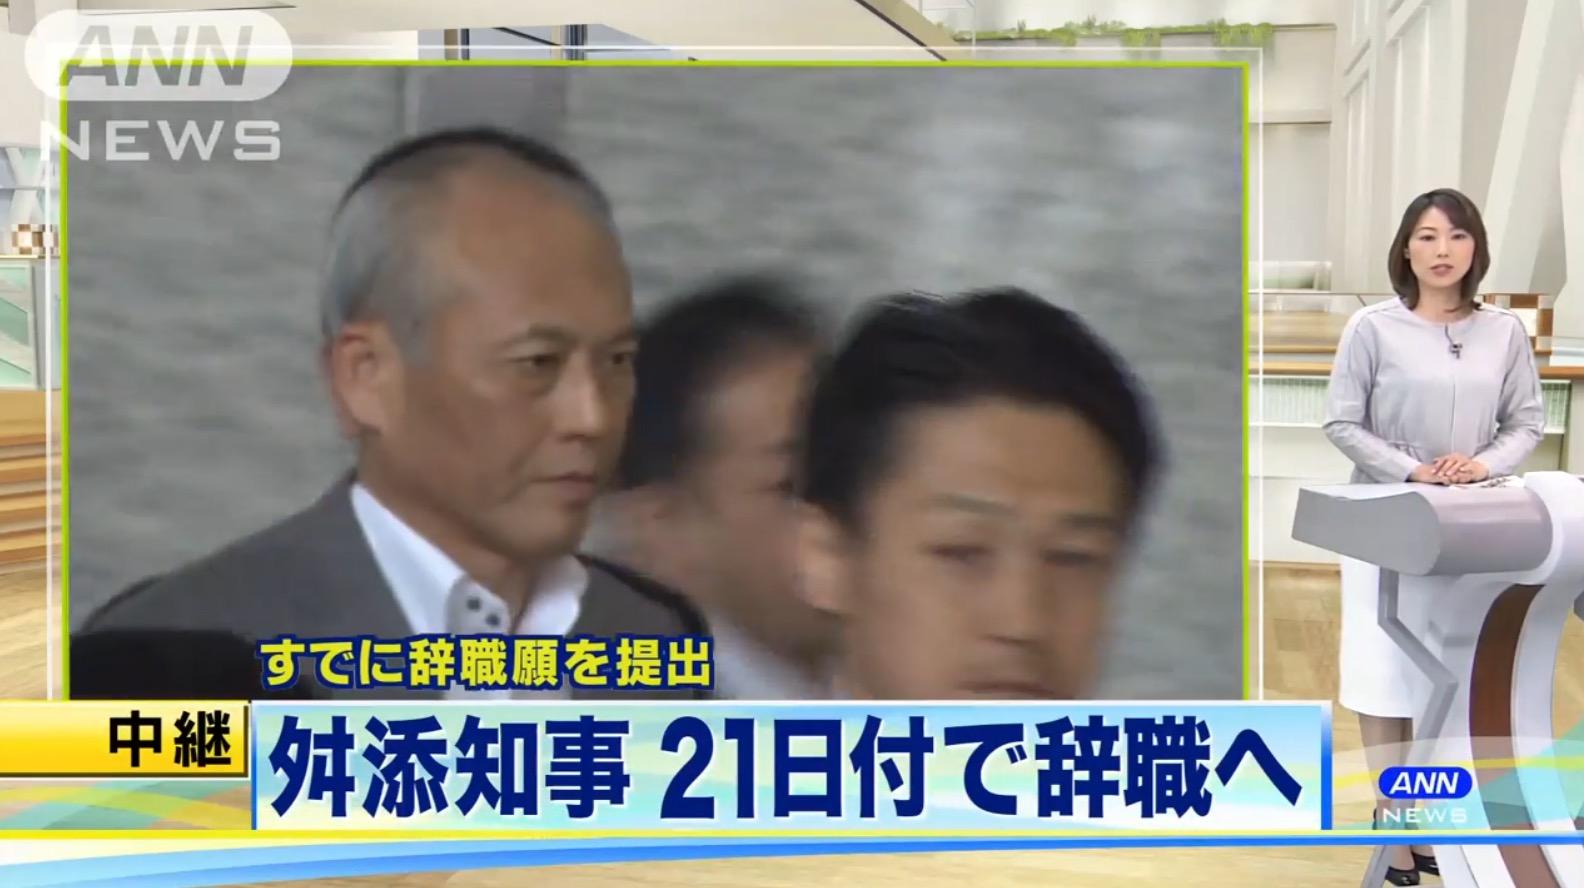 舛添都知事が辞職願を提出!21日付で辞任に!!